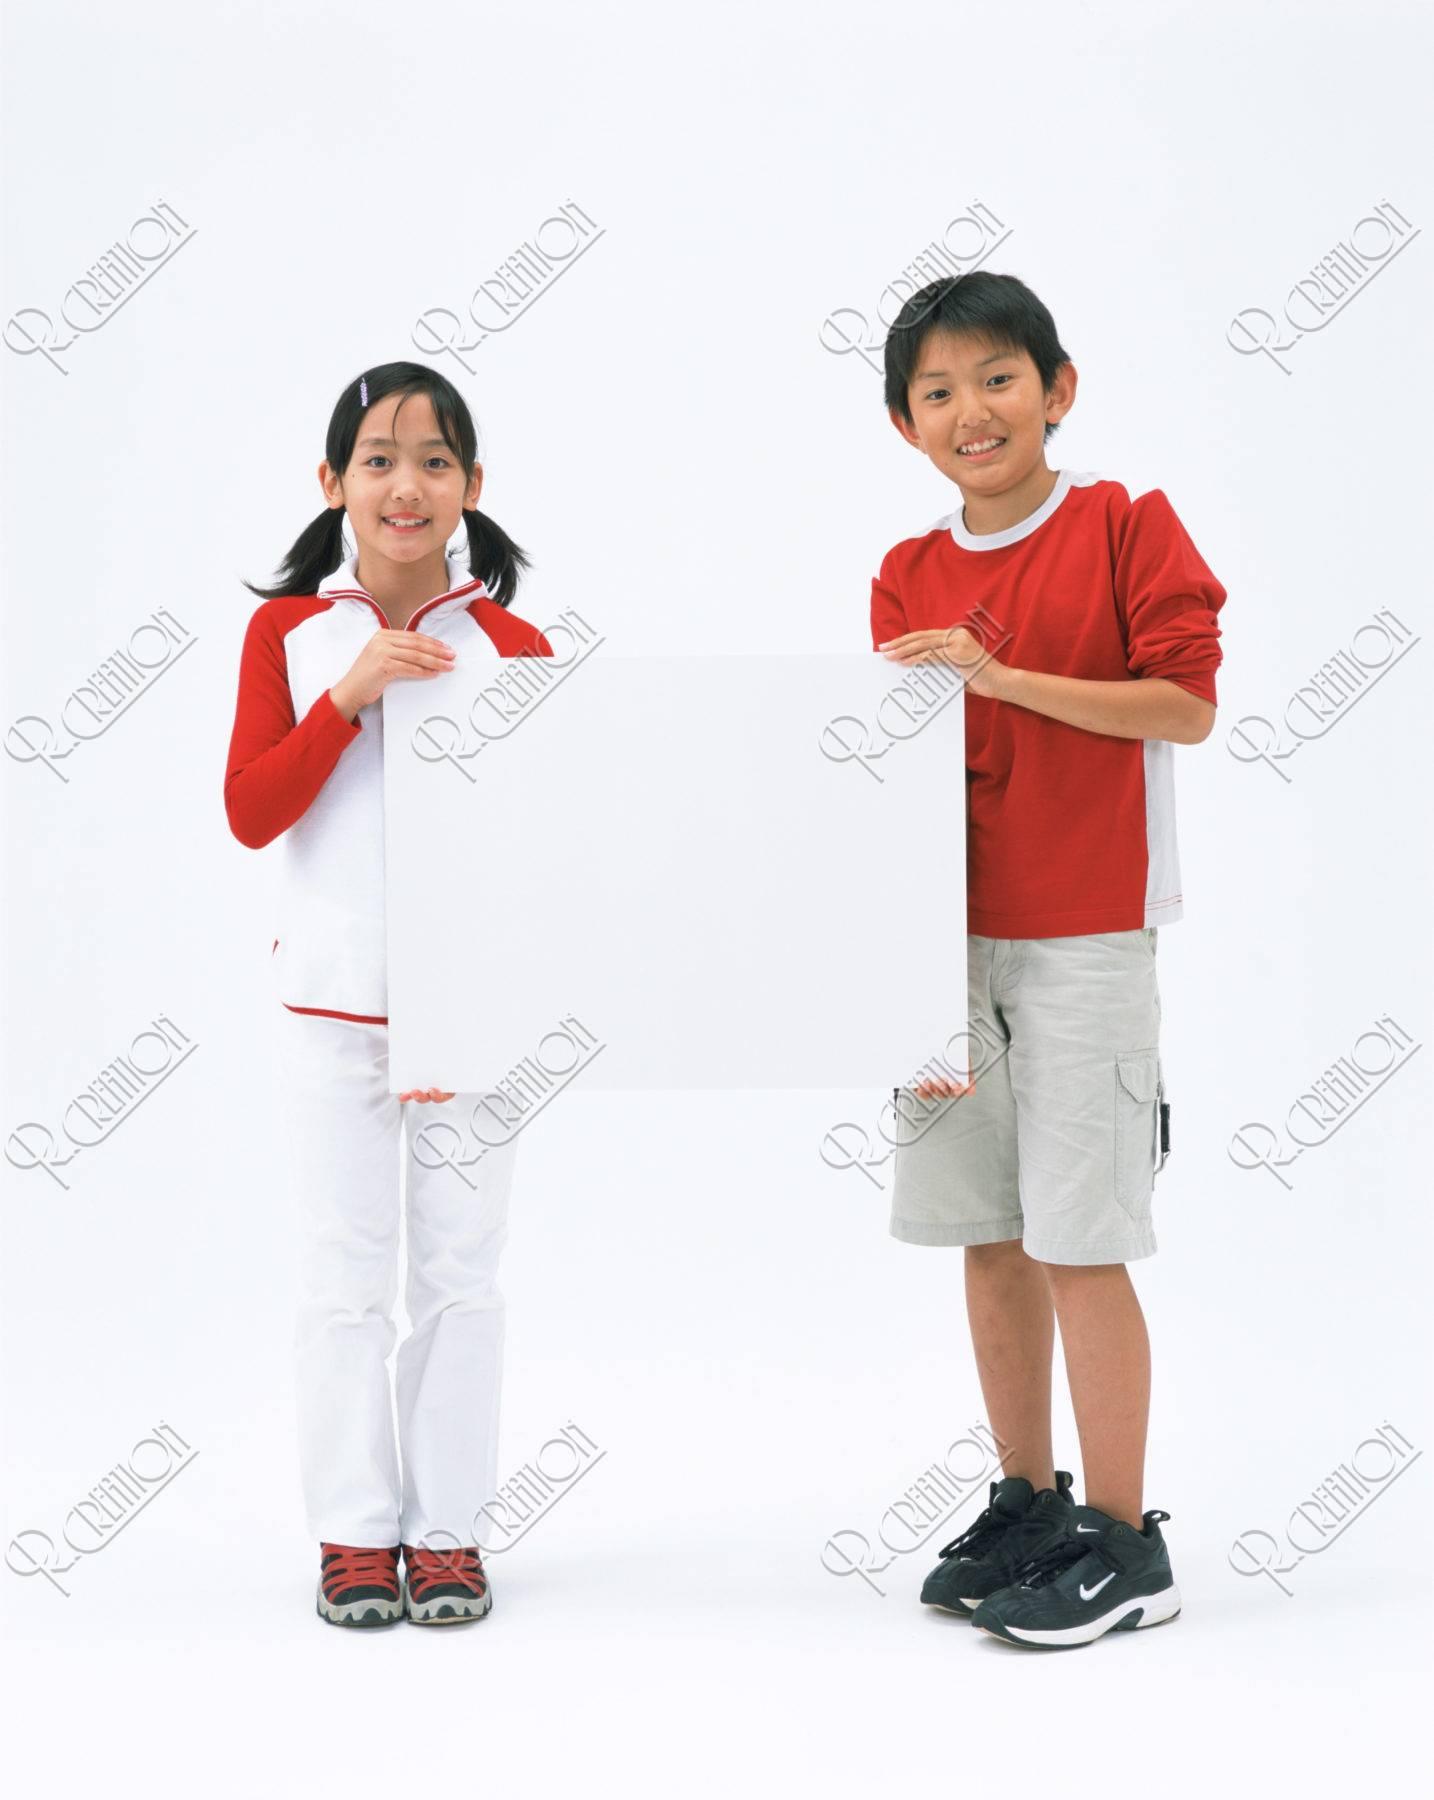 ボードを持つ小学生